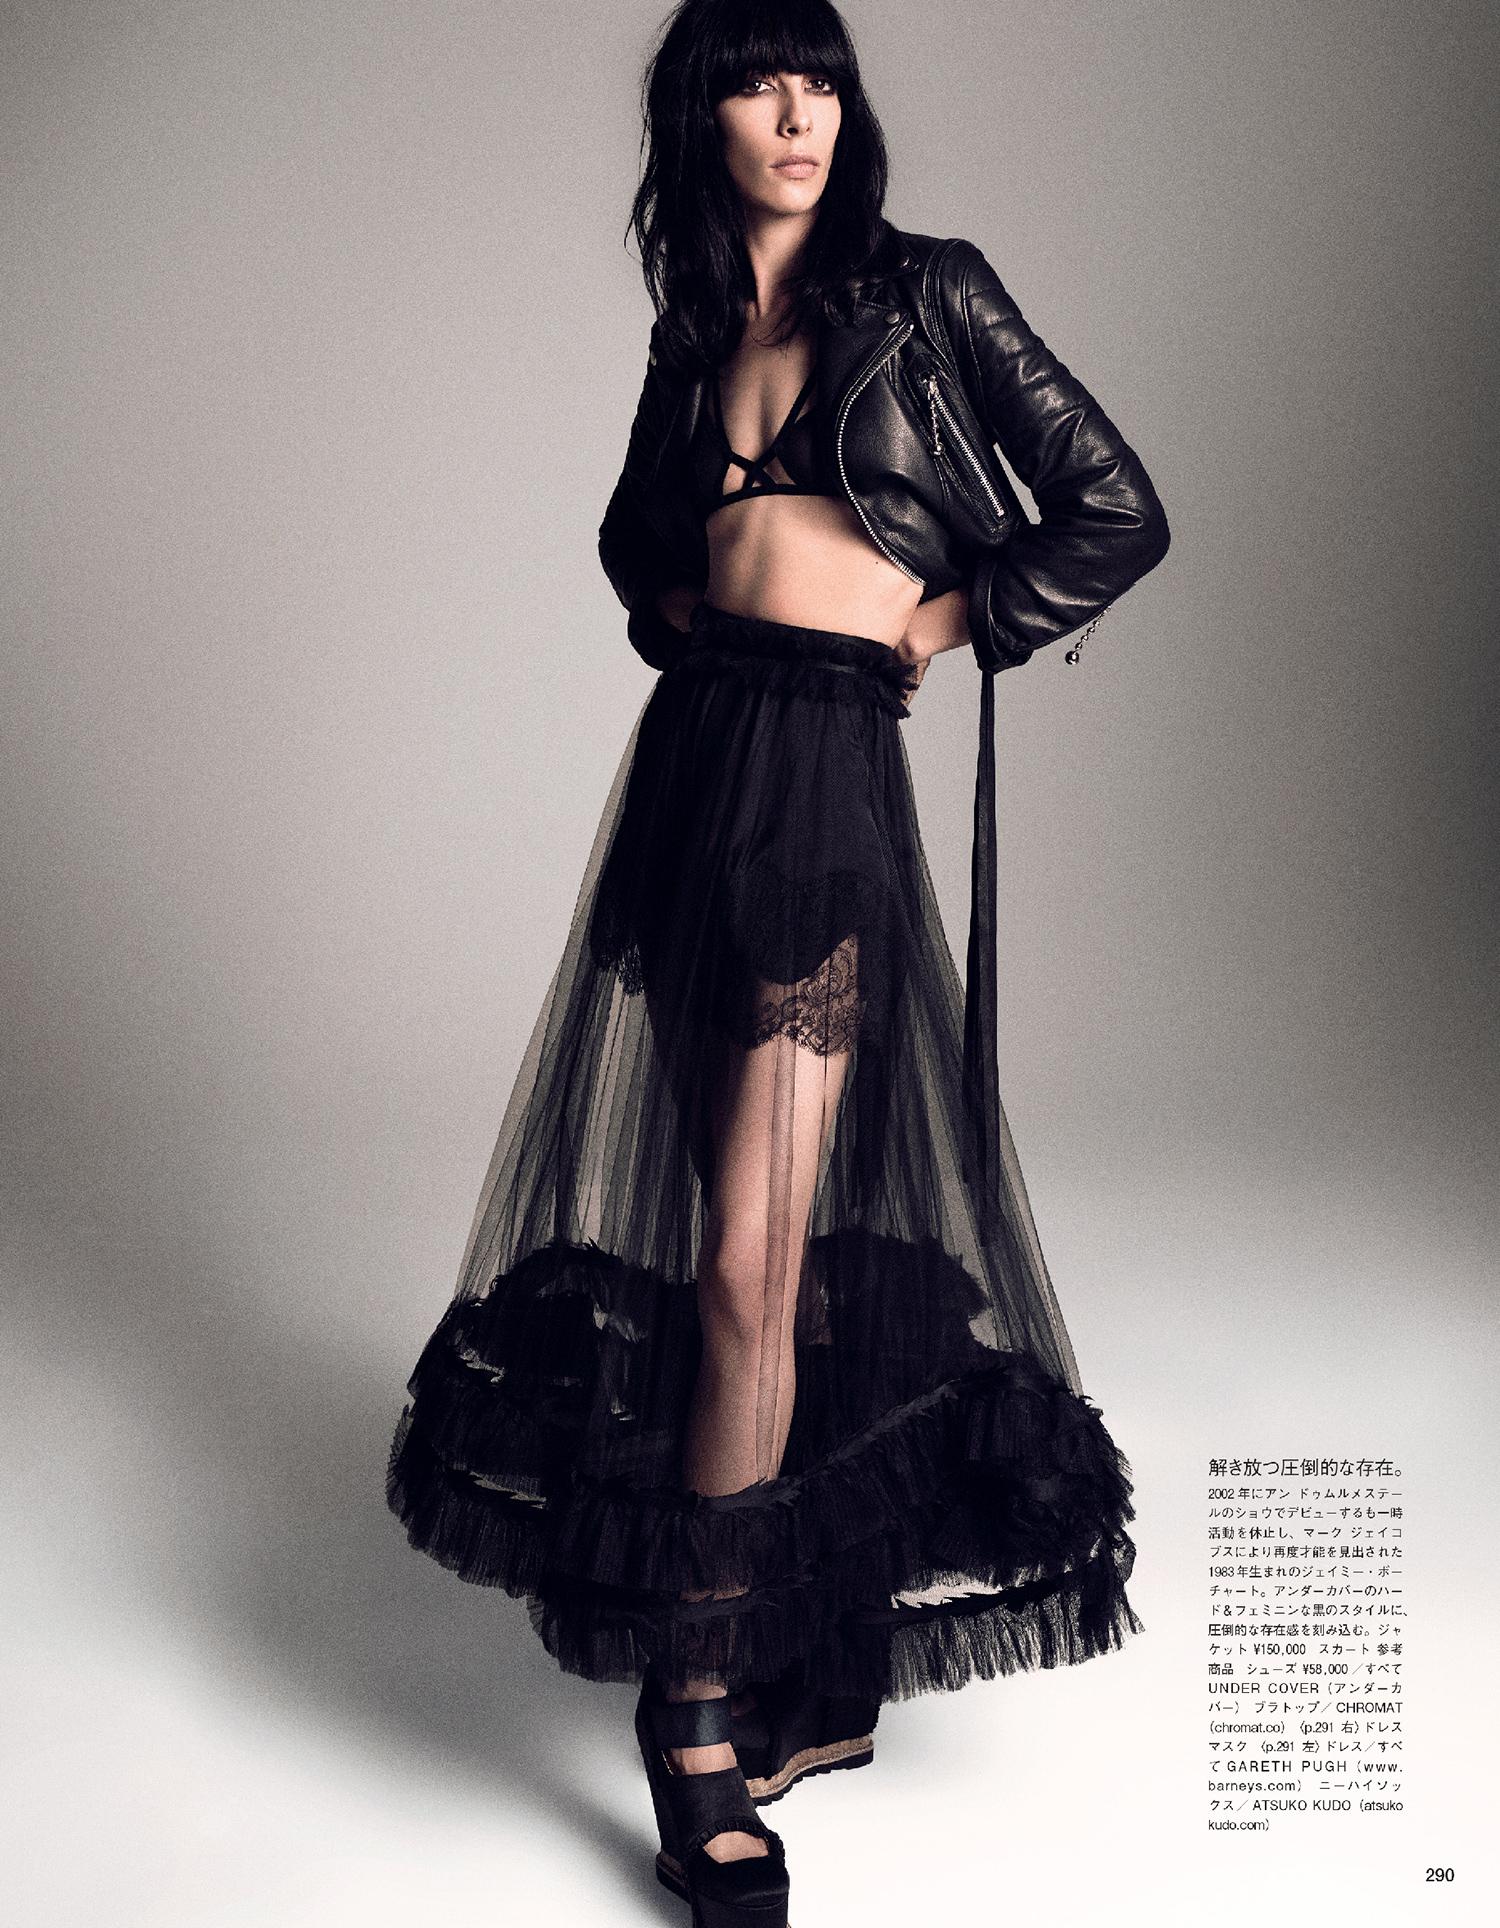 Giovanna-Battaglia-Vogue-Japan-March-2015-Digital-Generation-5.jpg